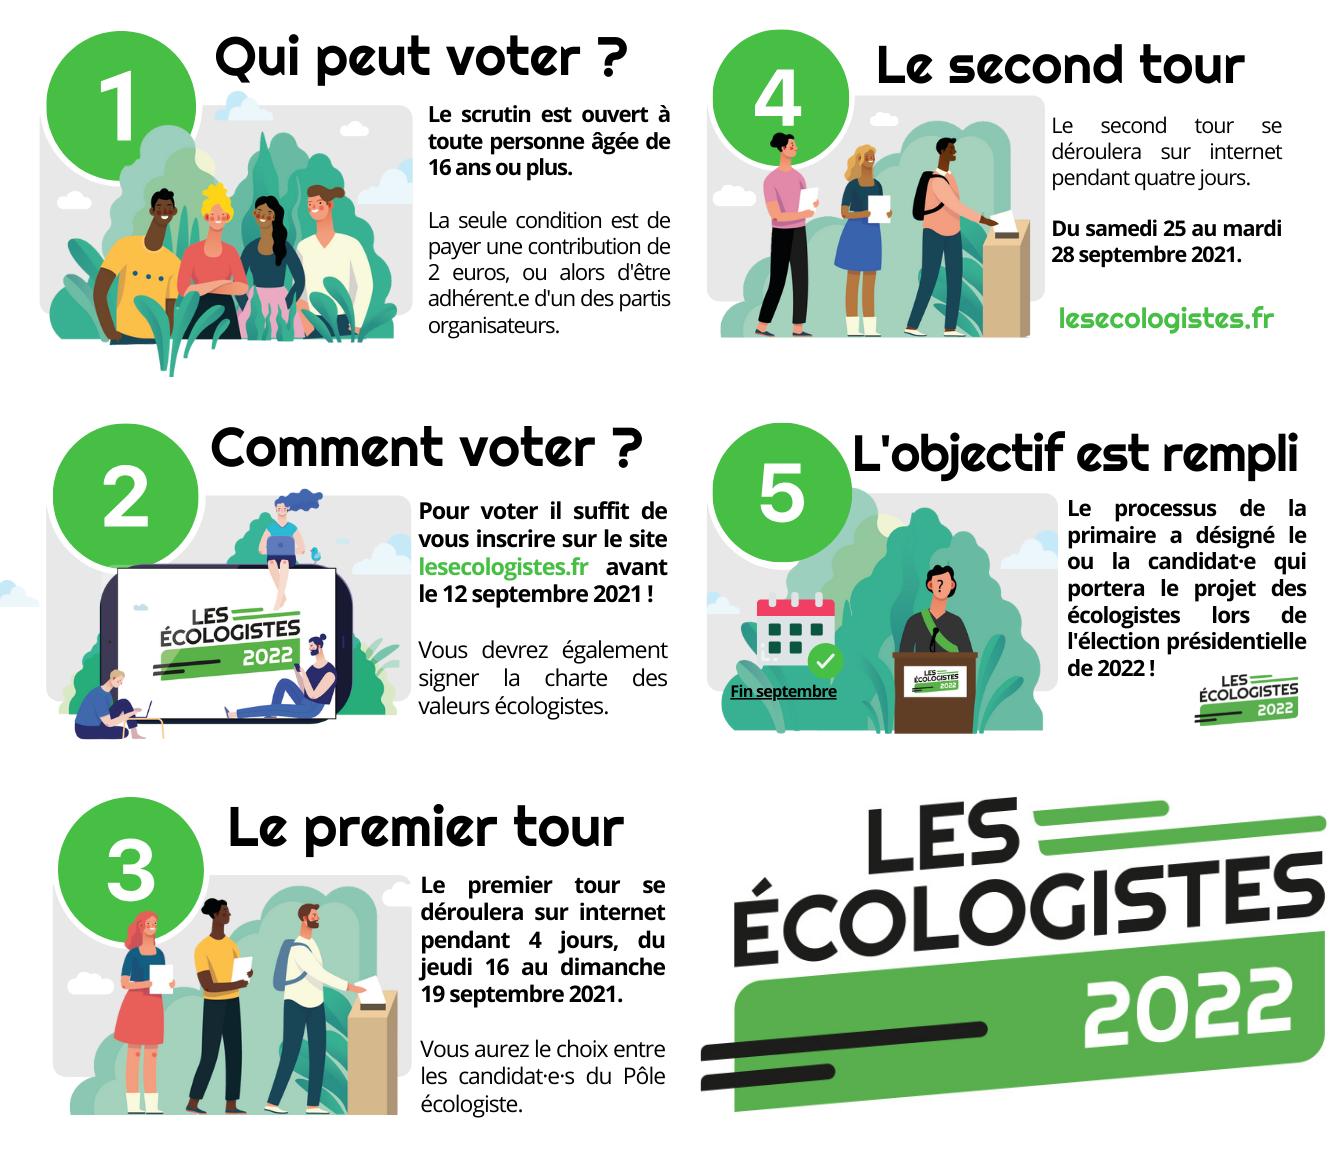 Résultat de la primaire des écologistes : Yannick Jadot vainqueur du second tour avec 51,03%   B1e3f413c6cc43cd240ecd9ddc6a932902fdd8f7858f2b0a76ae4b8466118ae1